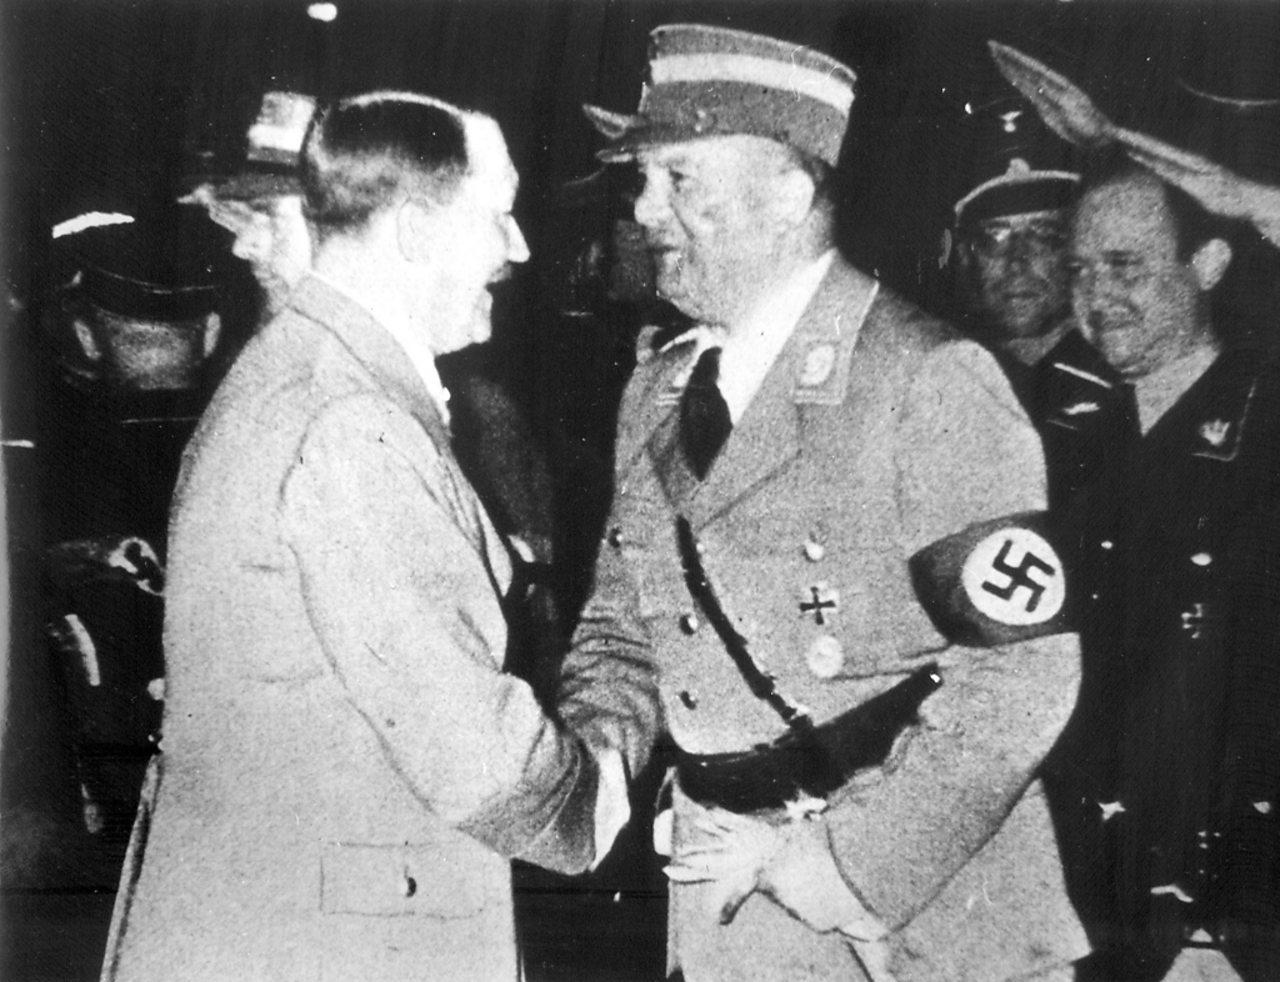 Adolf Hitler greets SA leader Ernst Röhm